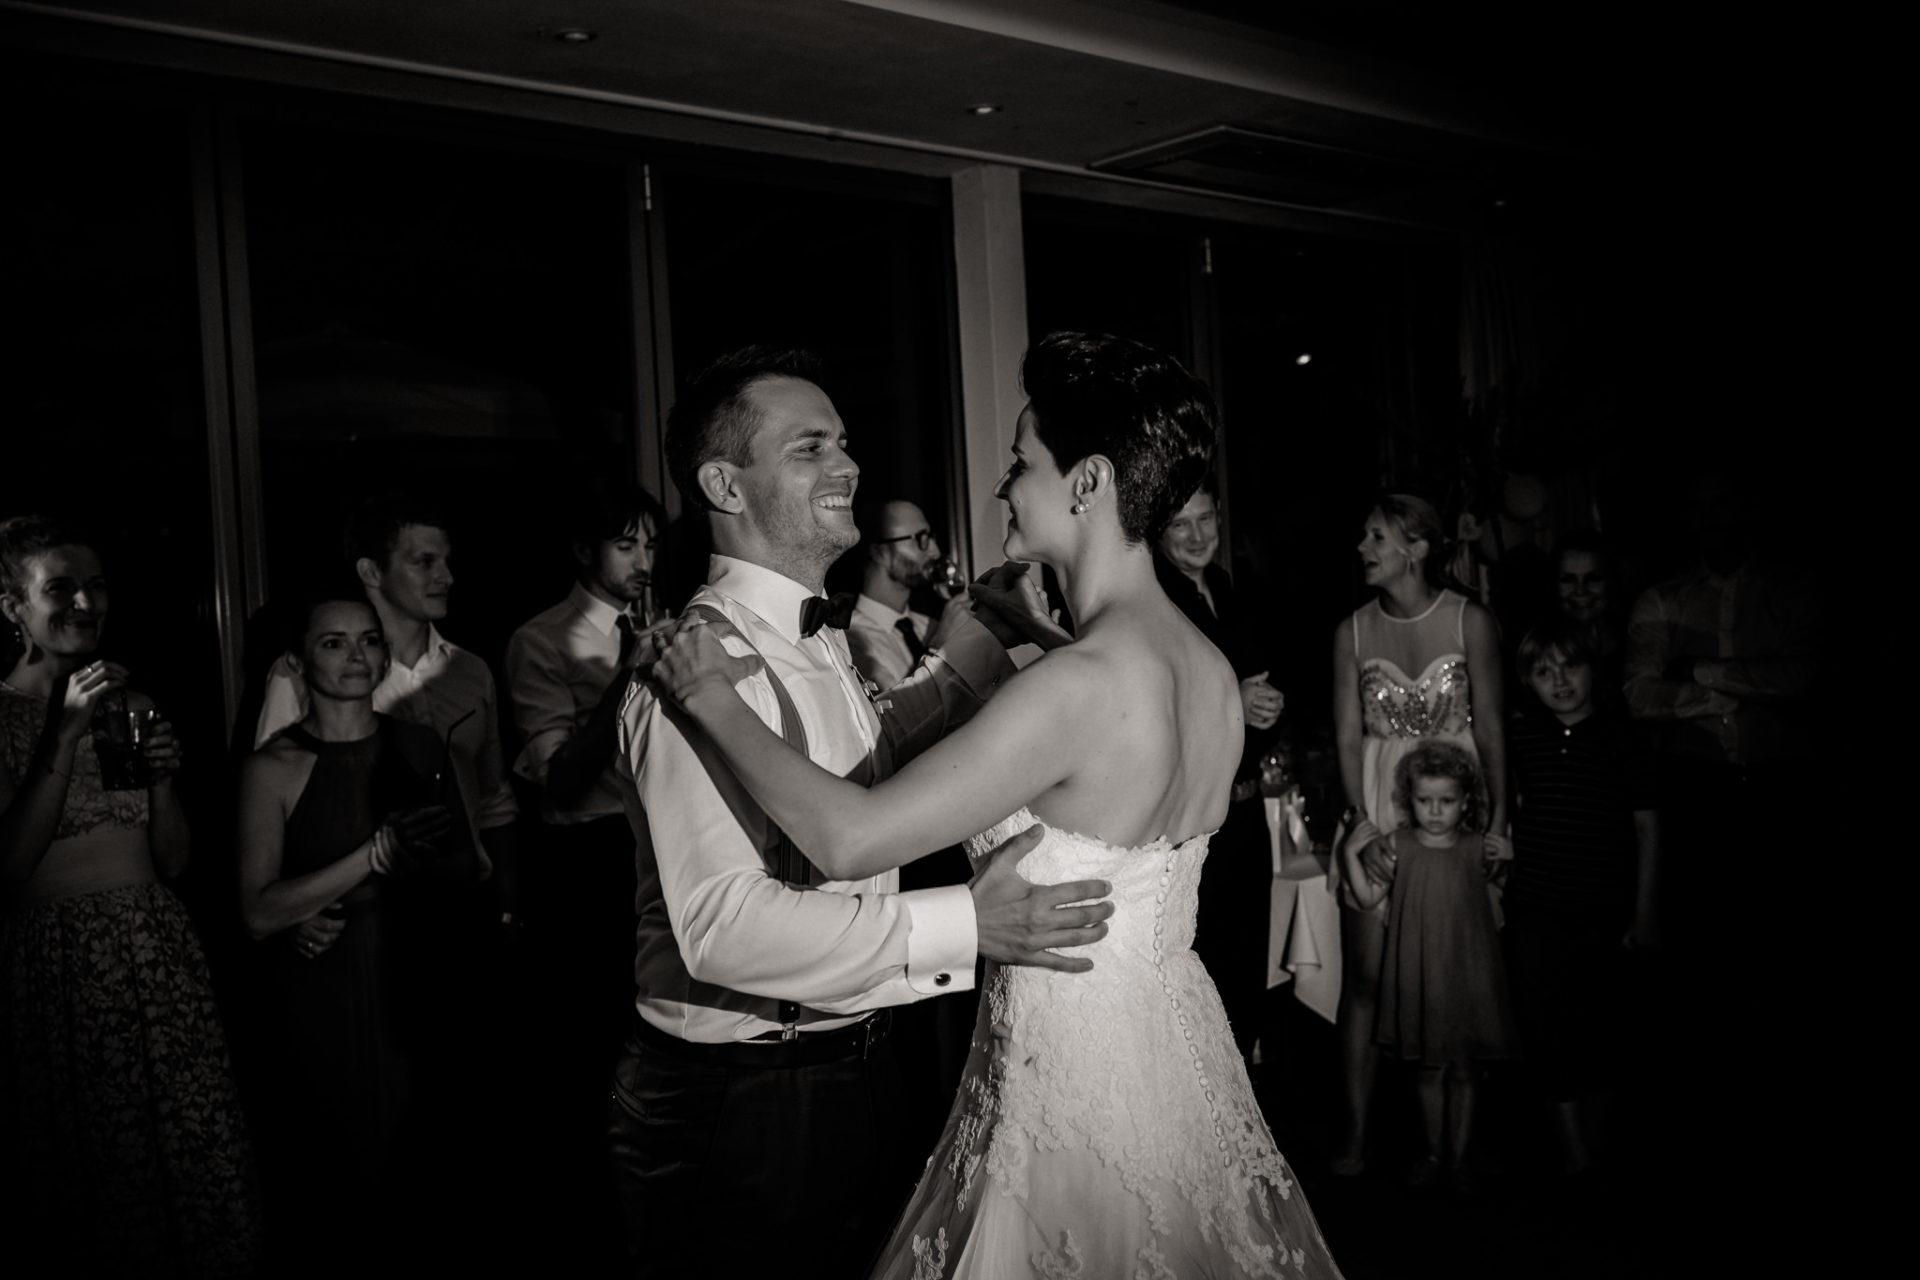 Weingut Fitz Ritter Hochzeitsfotograf-heiraten Pfalz-Sommerhochzeit Hochzeitstanz